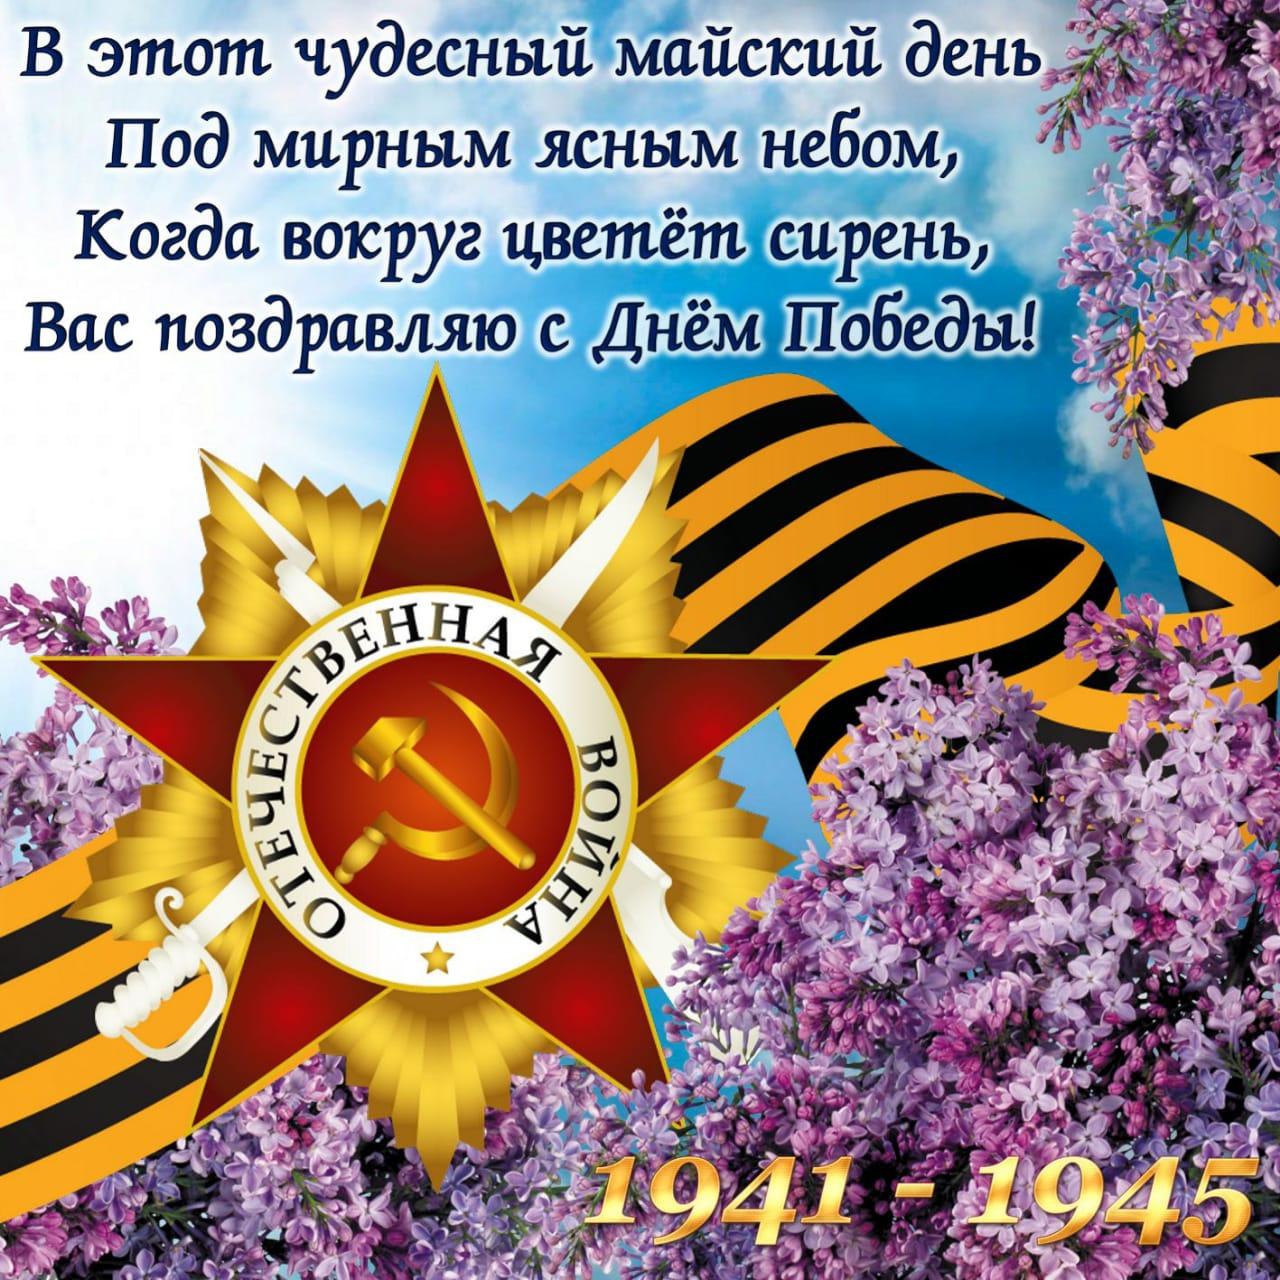 Поздравления к 9 мая день победы коллегам